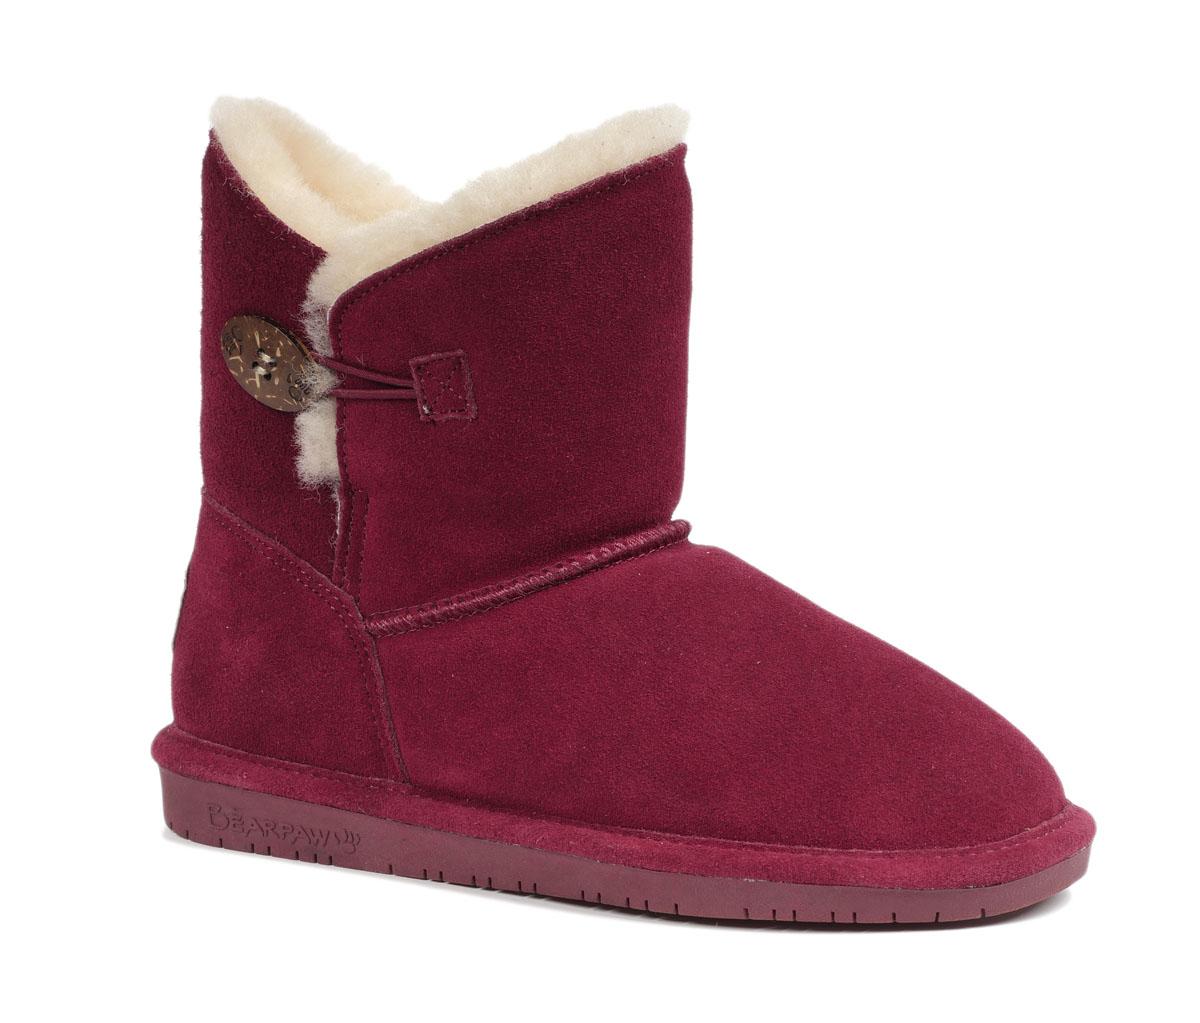 Угги женские Bearpaw Rosie, цвет: бордовый. 1653W. Размер 10 (40)1653WМодные угги Bearpaw Rosie не позволят вашим ногам замерзнуть. Обувь выполнена изнатуральной замши и оформлена крупными декоративными швами, на заднике - текстильнойнашивкой с названием и логотипом бренда. Верх изделия дополнен шерстяной оторочкой. Изюминка модели - пуговица, которая застегивается на эластичную петельку. Подкладка и стелька, выполненные из натуральной овечьей шерсти, подарят вашим ногам комфорт и уют. Подошва с рифлением в виде фирменного рисунка обеспечивает отличное сцепление на скользкой поверхности. Стильныеугги займут достойное место среди вашей коллекции обуви. В них вашим ногам будеткомфортно и уютно.